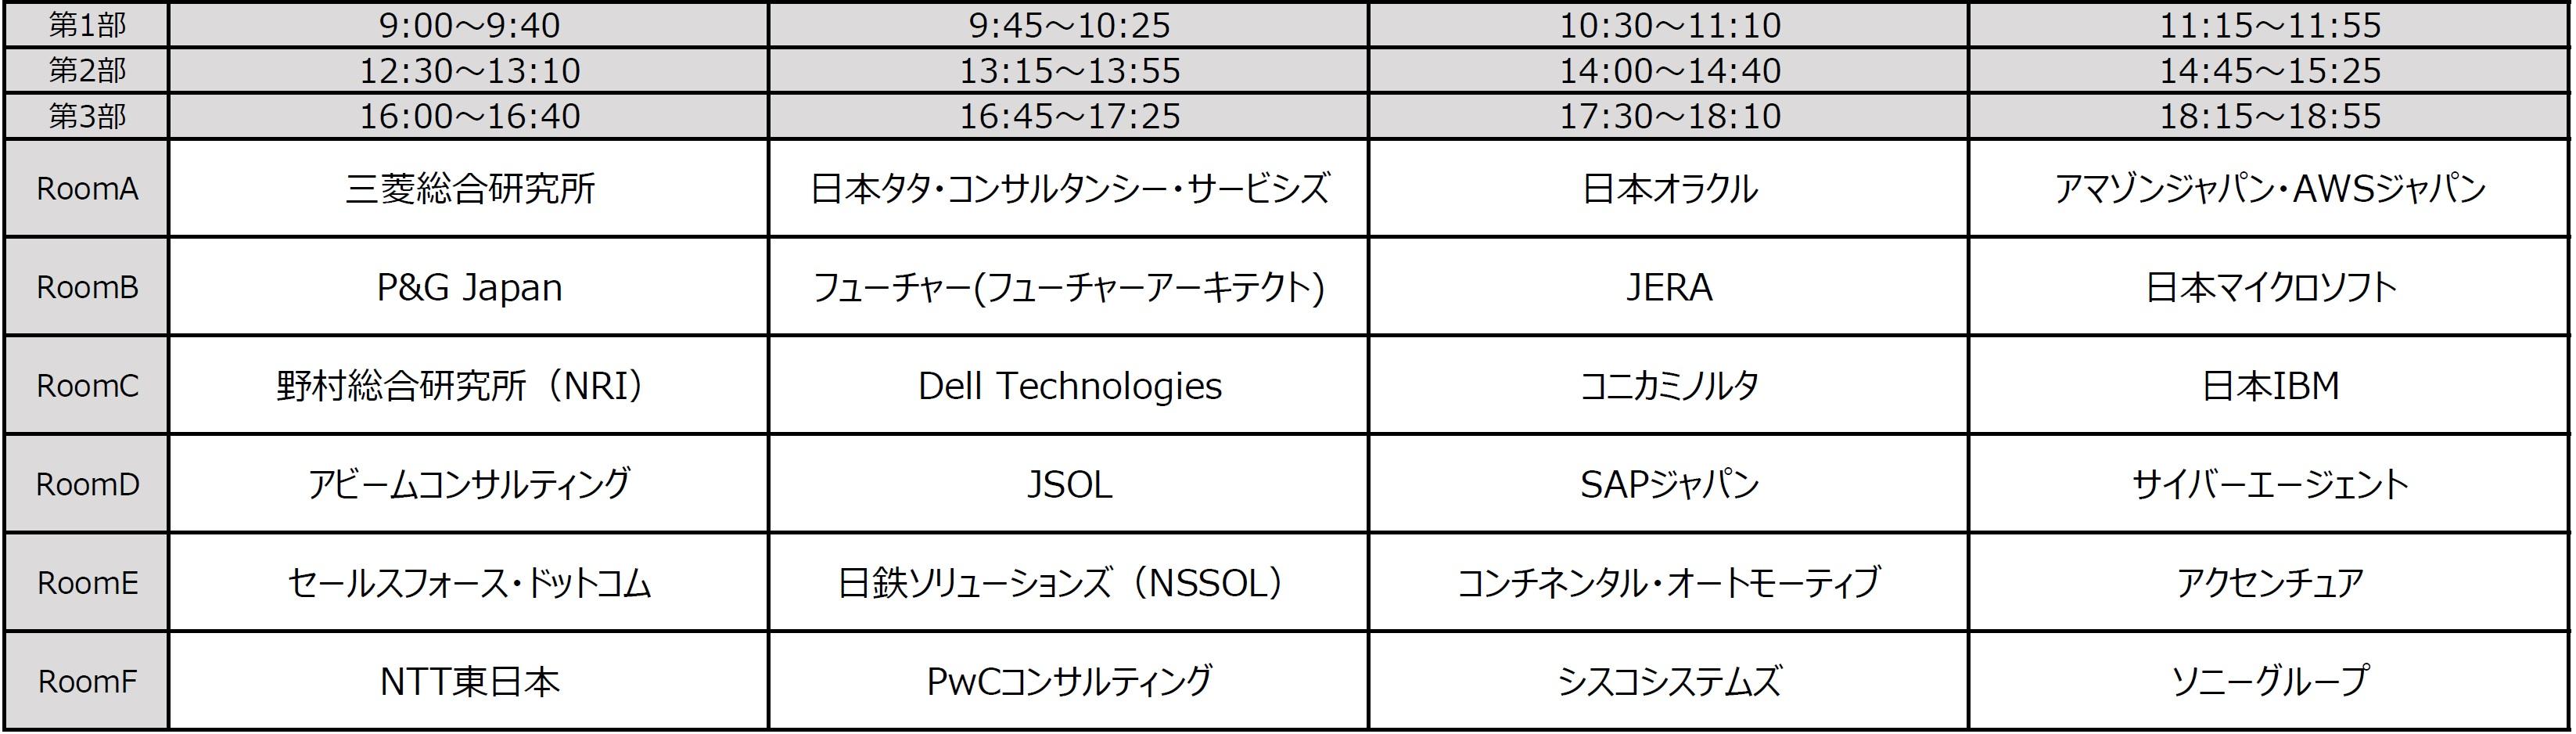 202012012_IS_Tech